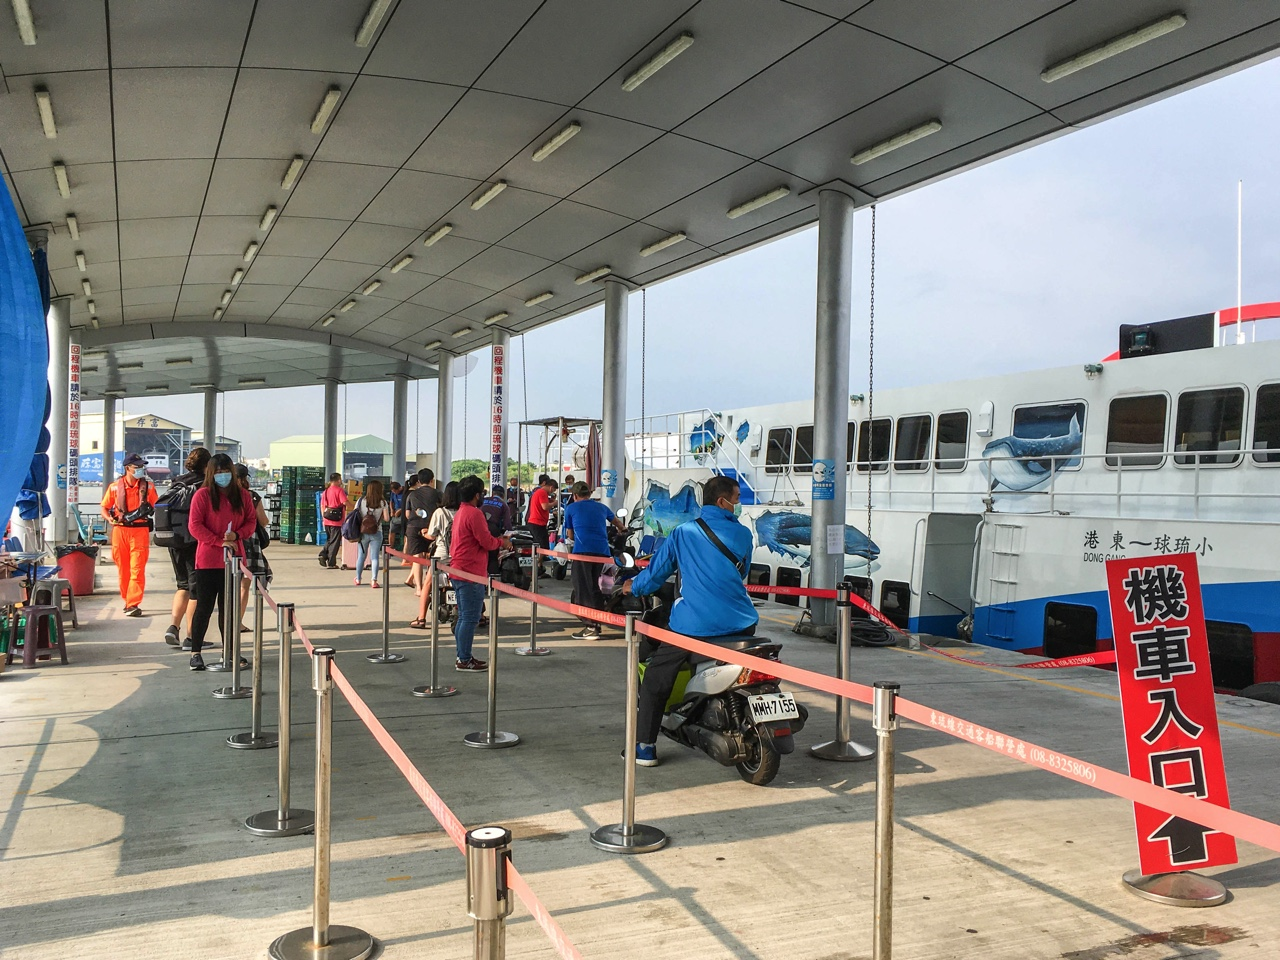 小琉球行きフェリーに乗船する人々